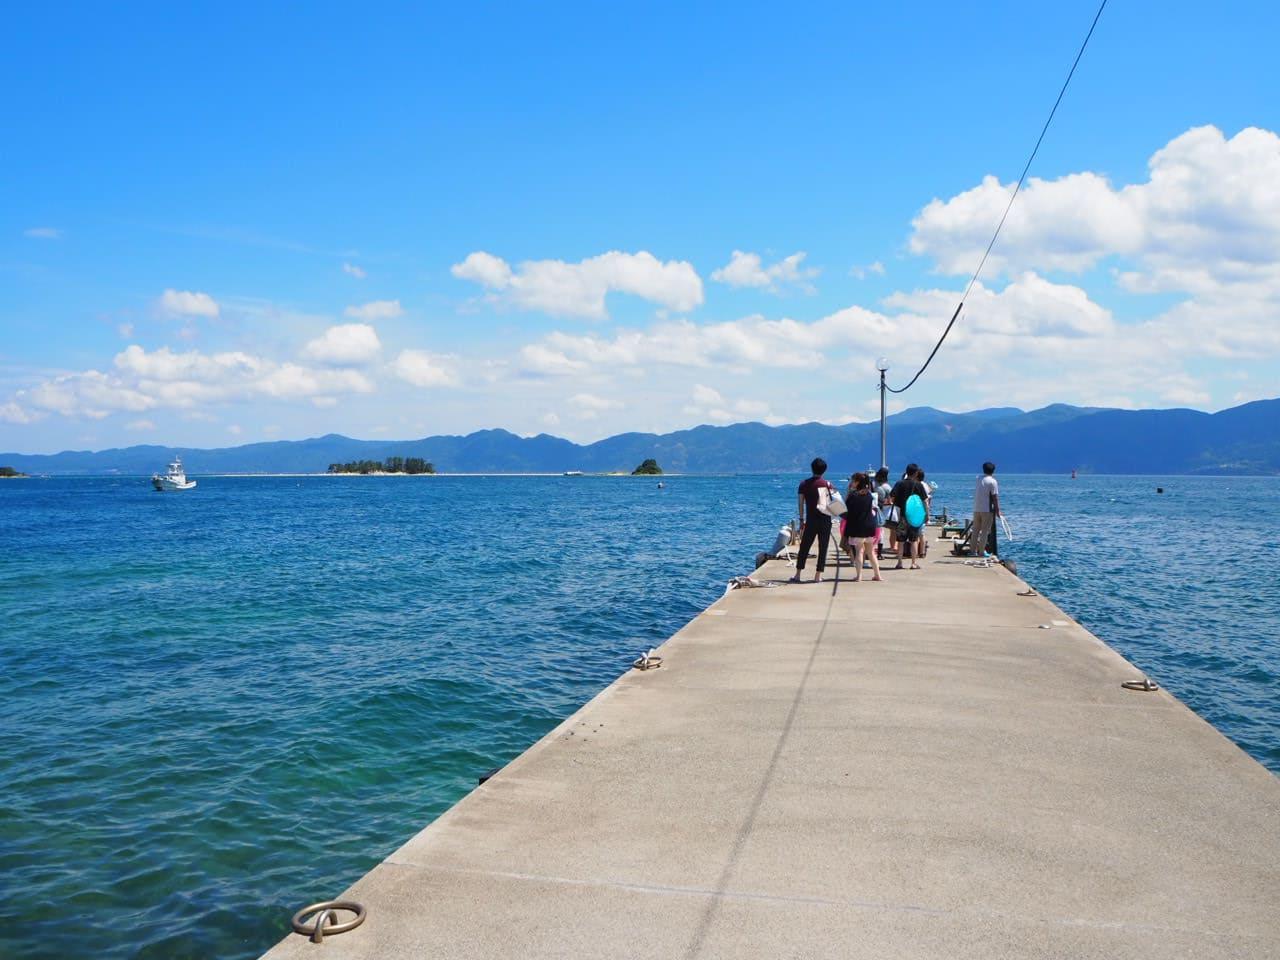 水島に行くための船が来る浅橋